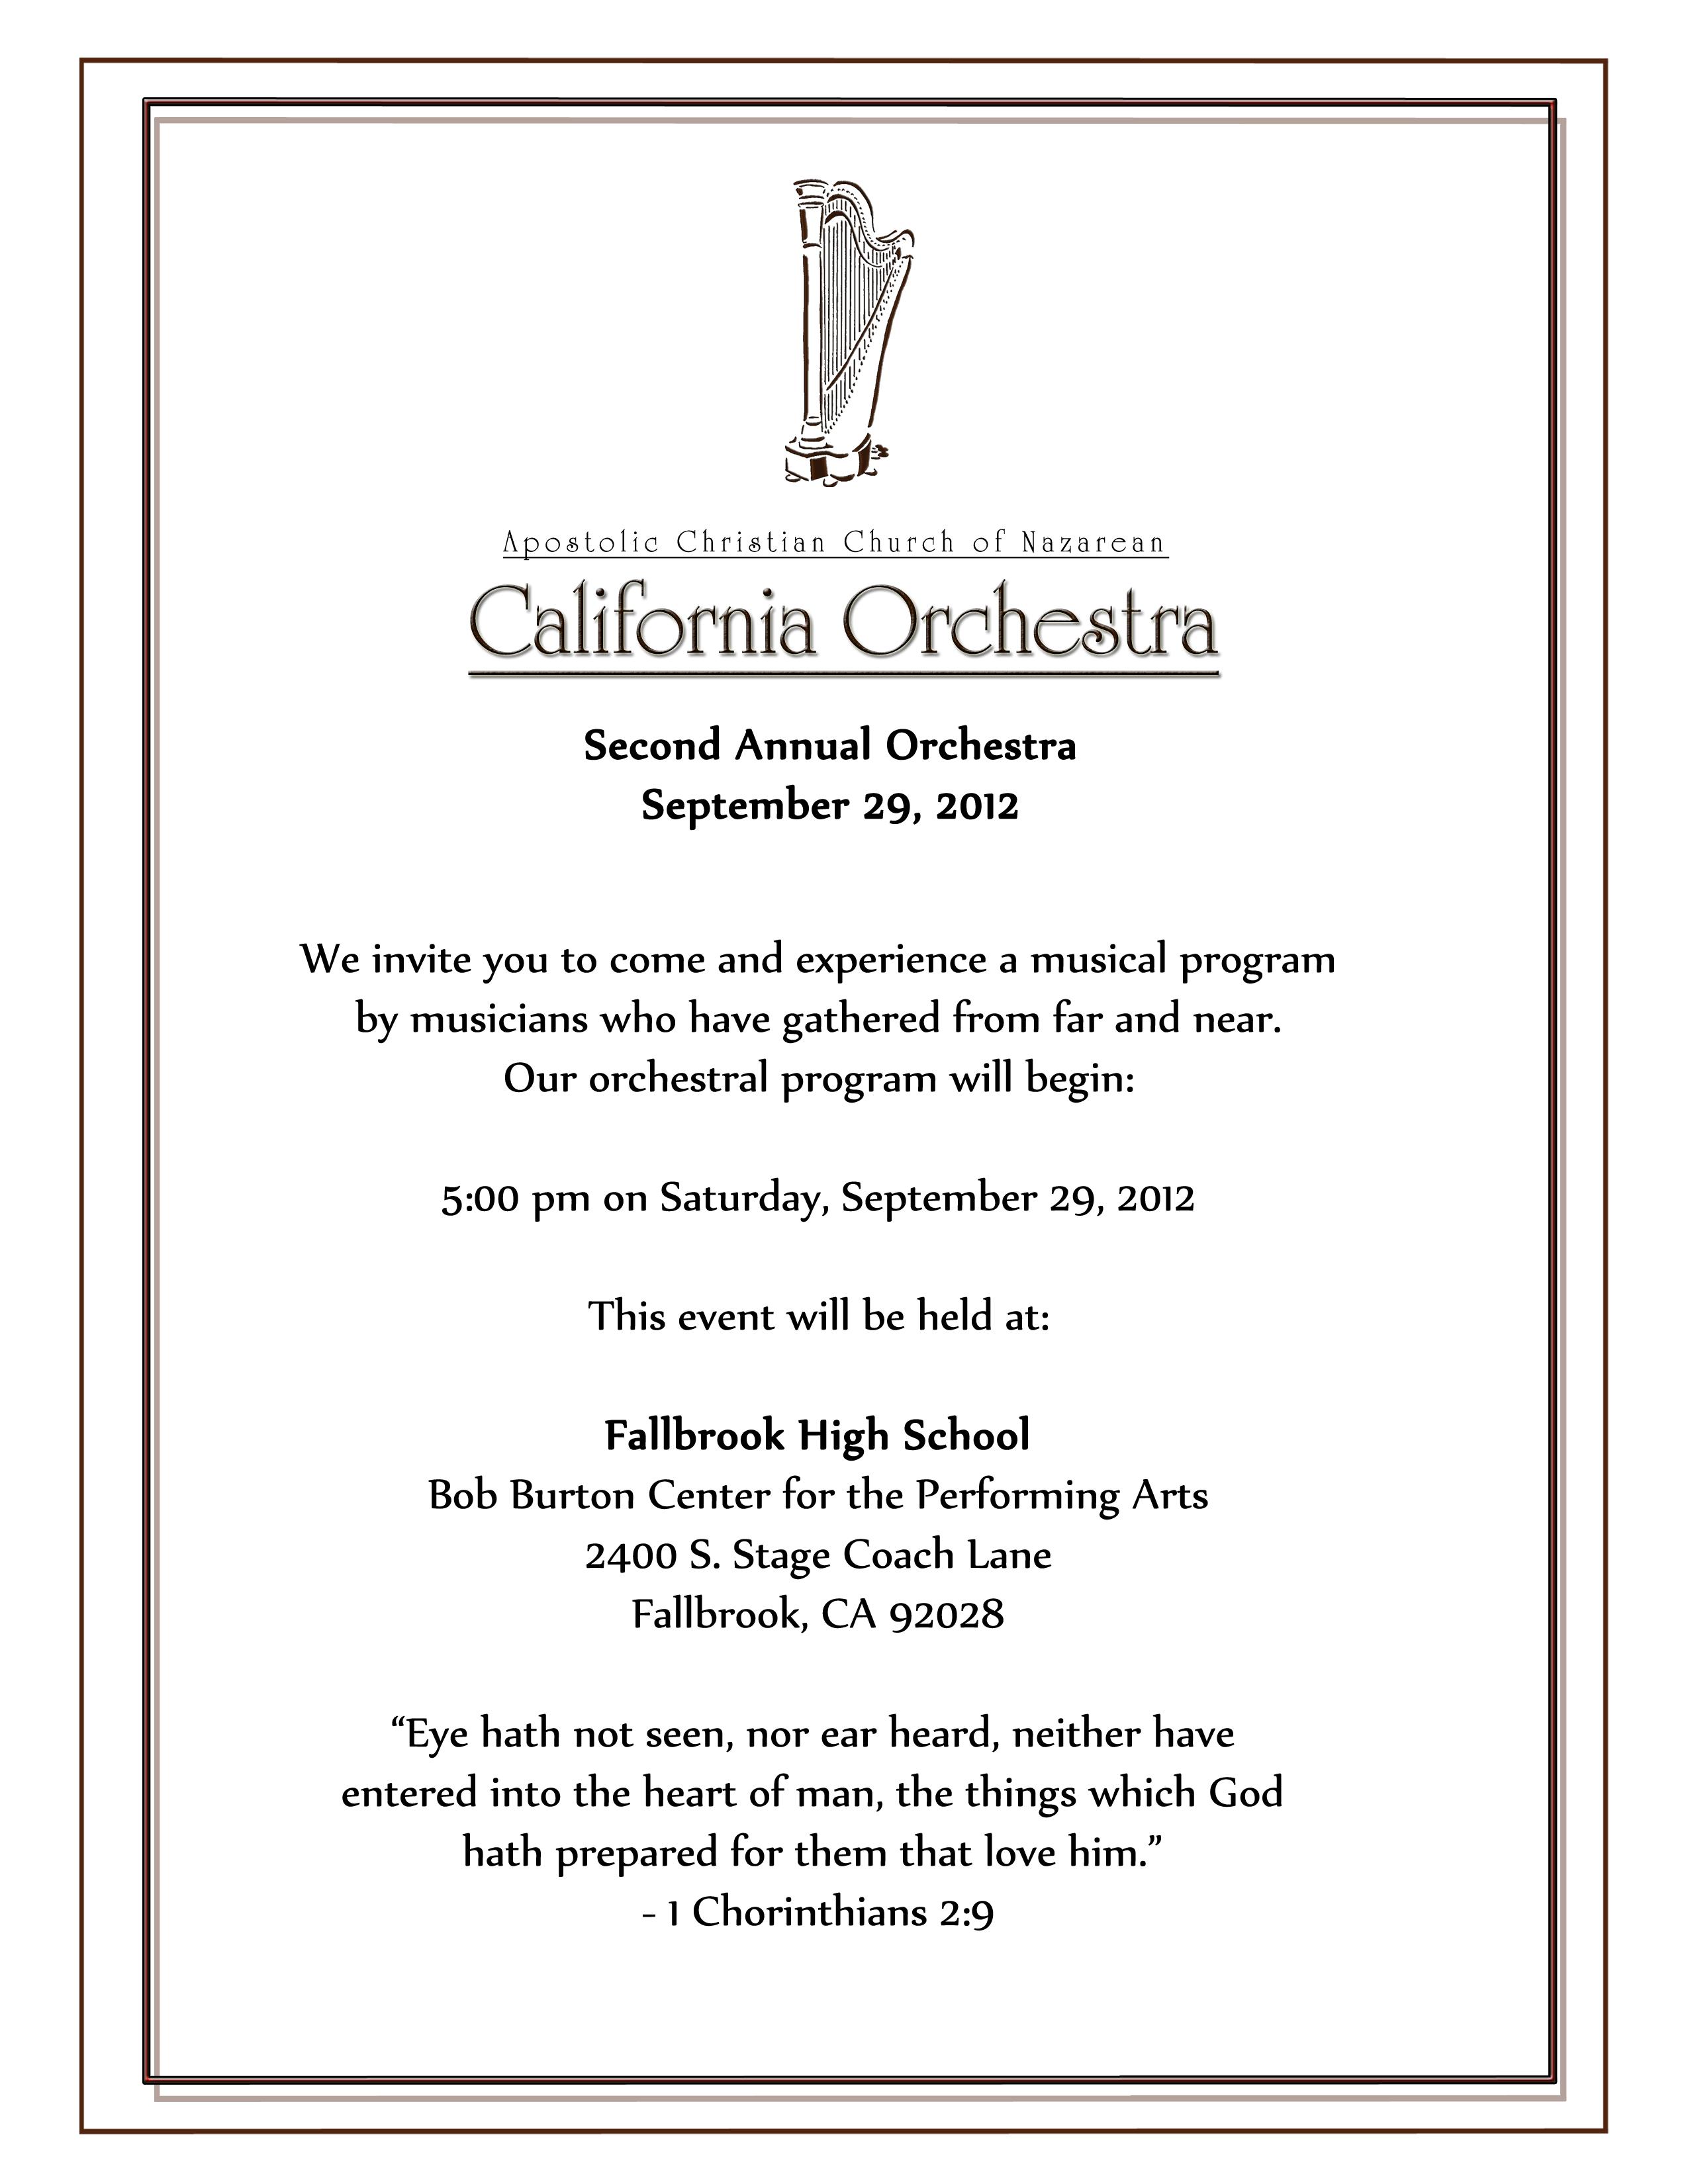 Orchestra Invitation 2012